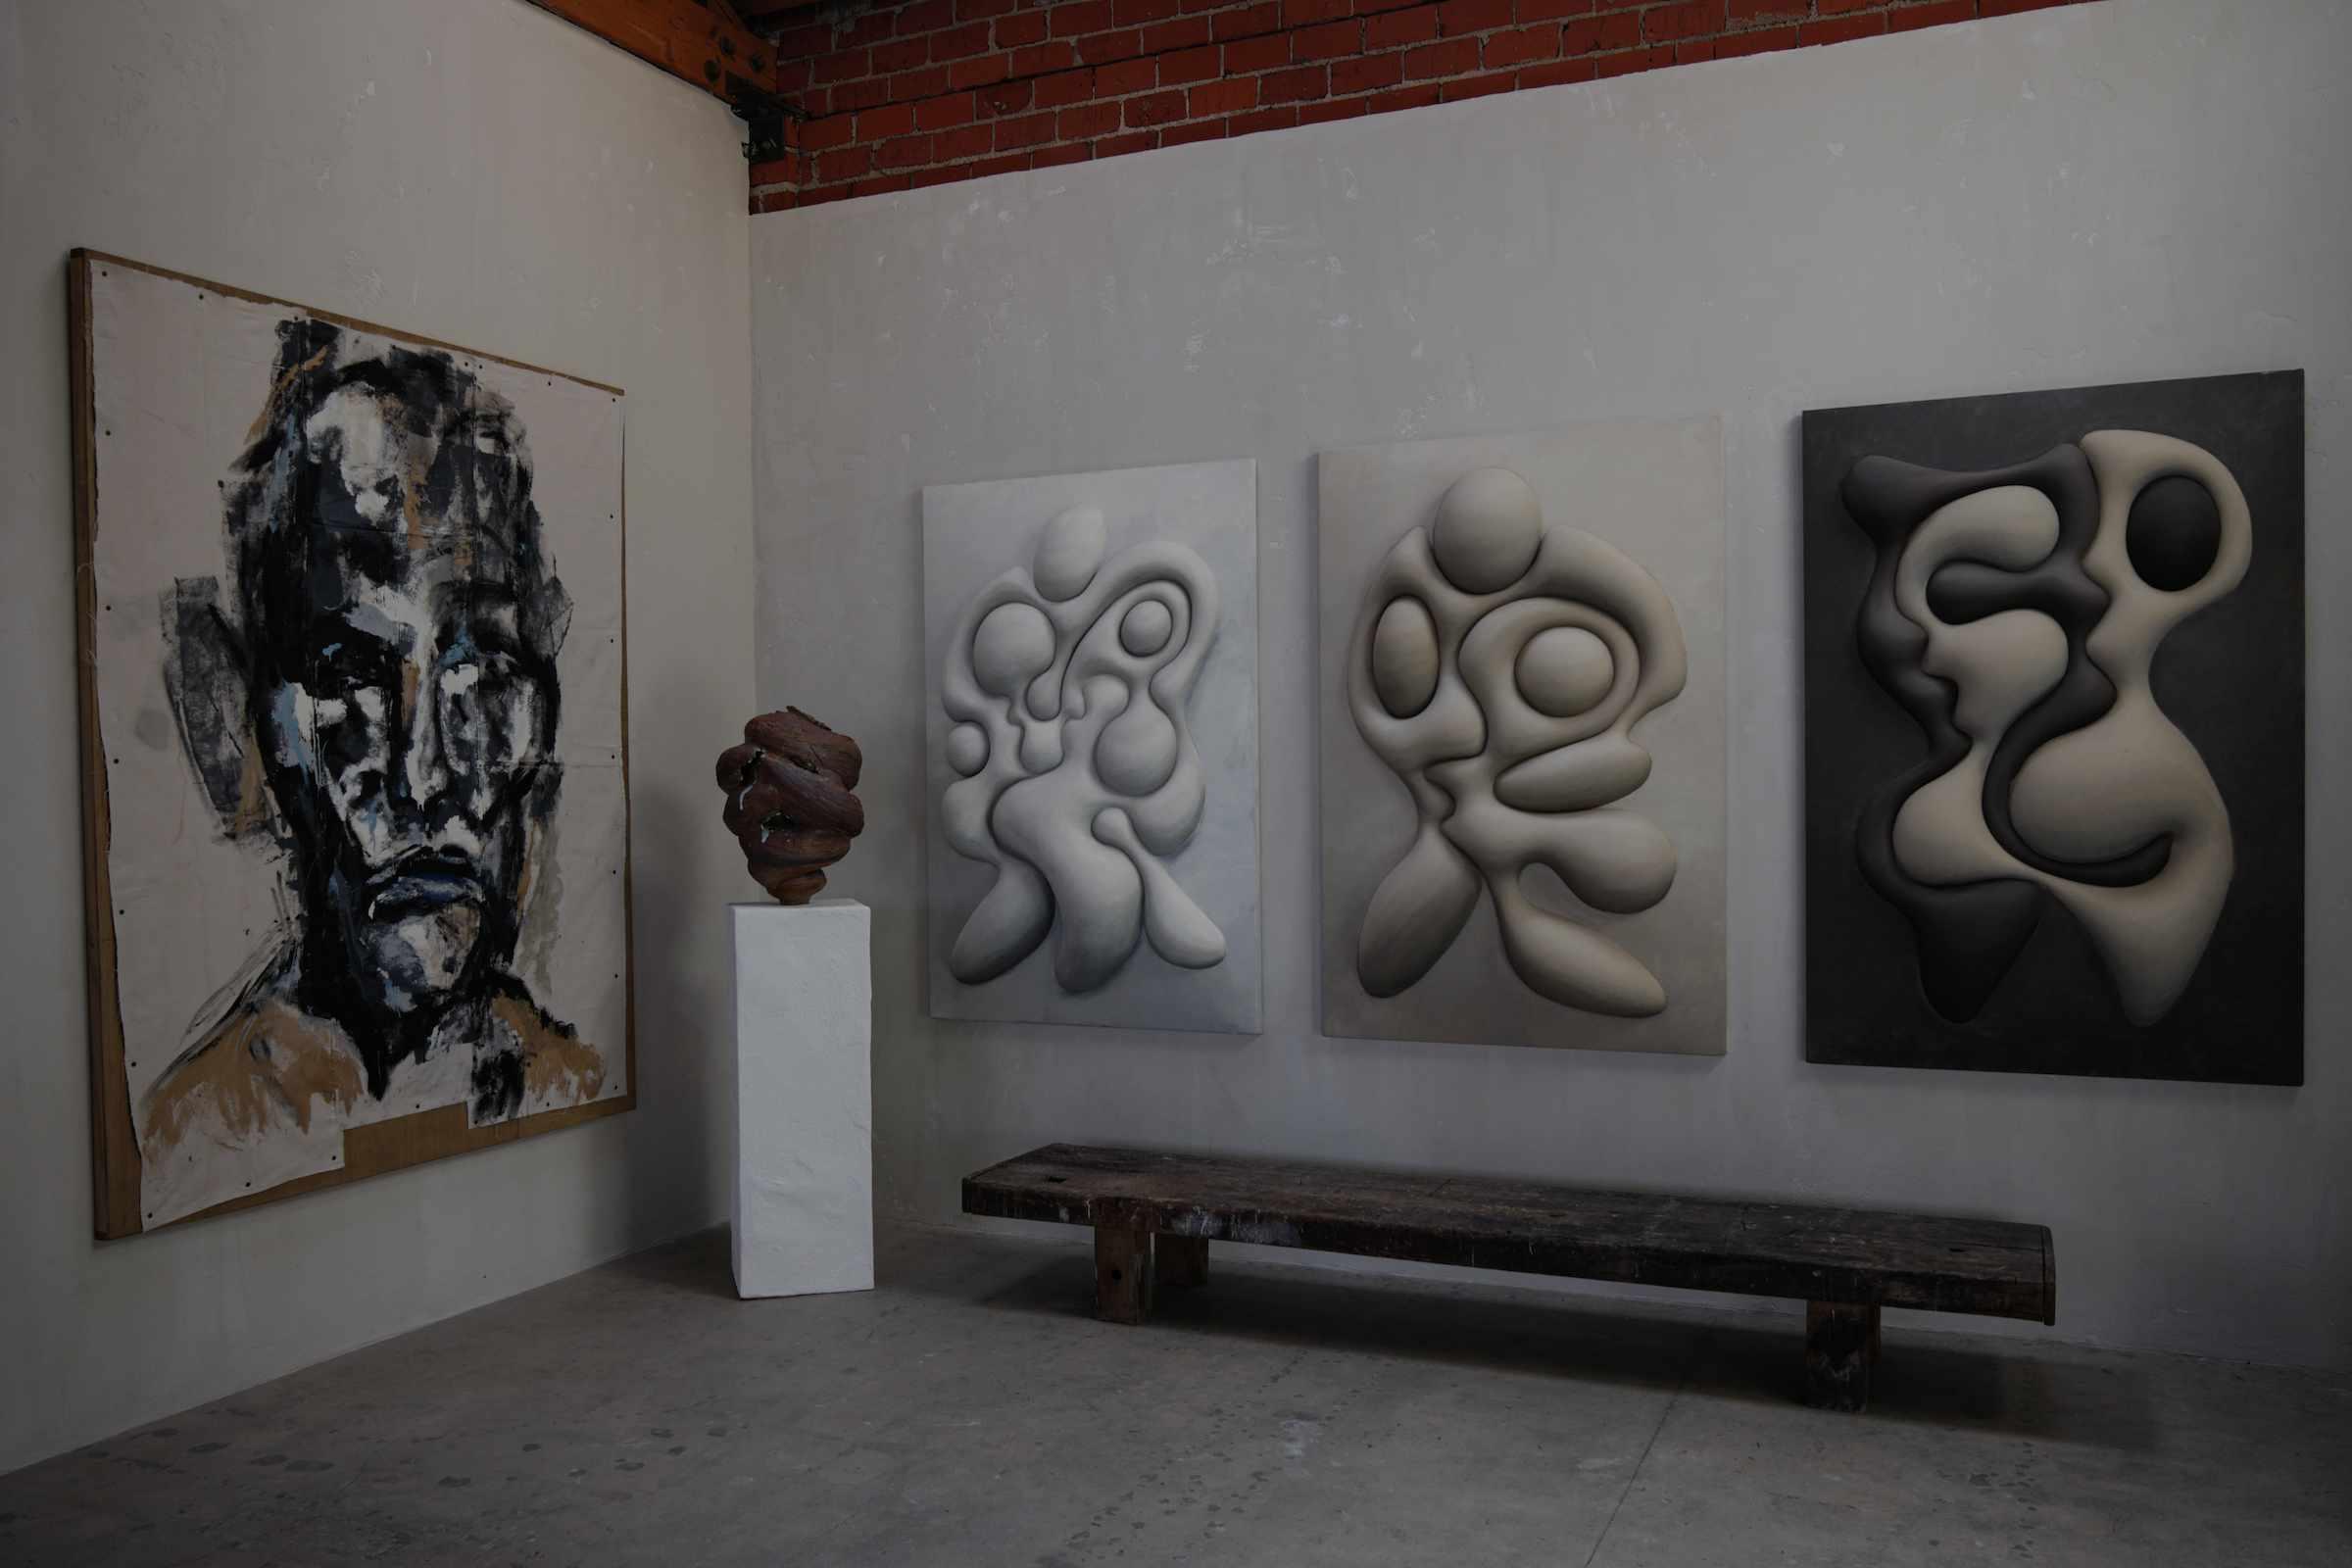 Plaster wall art in exhibit.